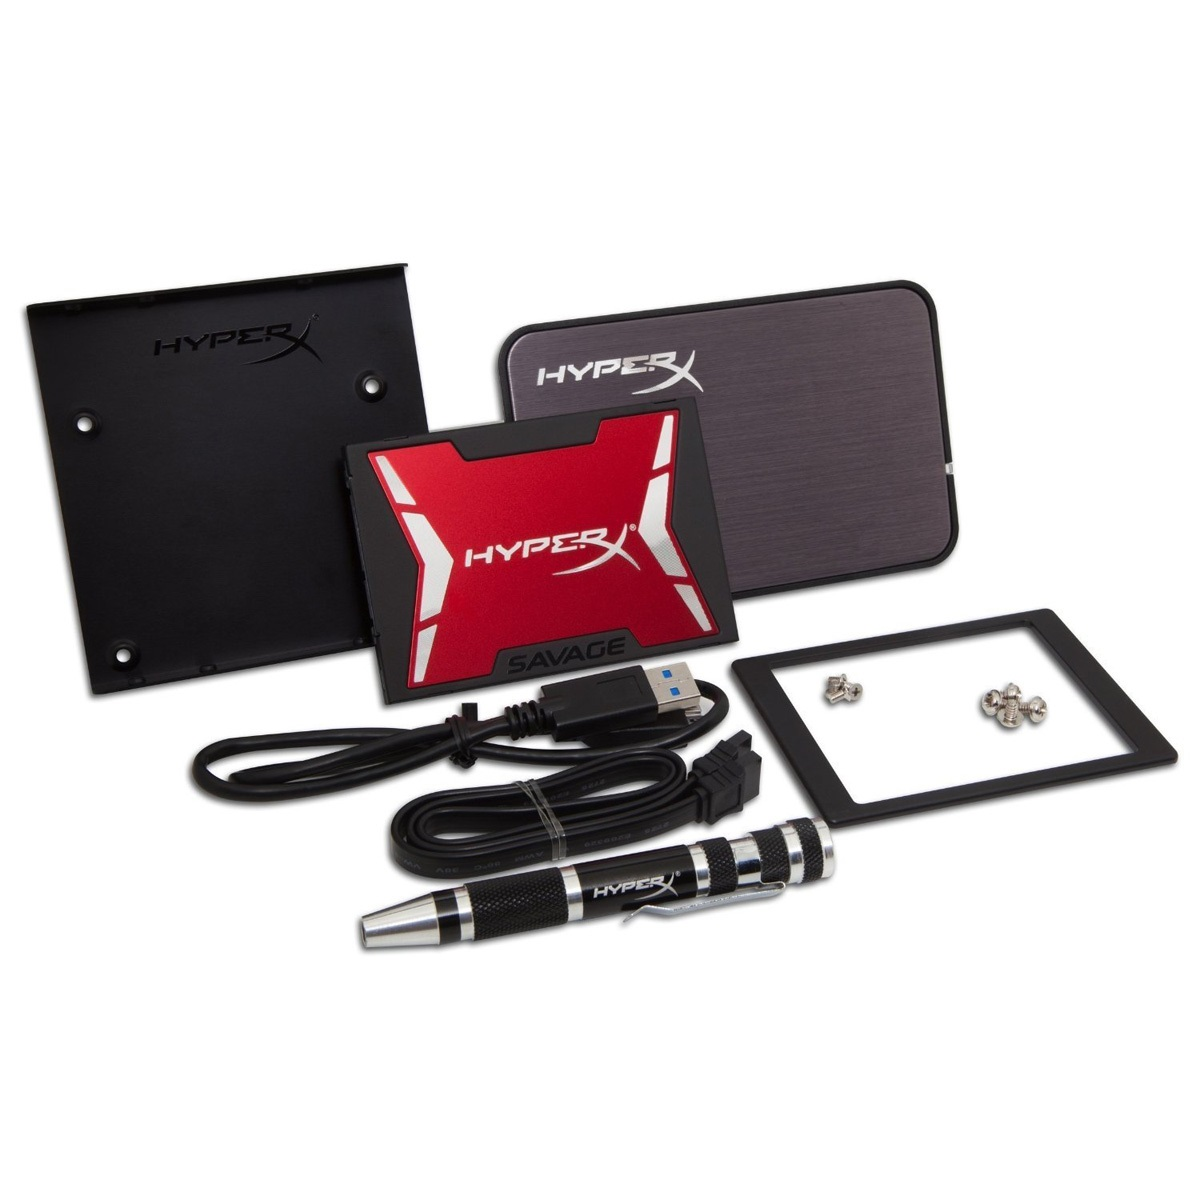 【全品ポイント2倍!】キングストン HyperX Savage SSD インストールキット付属 960GB・2.5インチ SATA 3 SHSS3B7A/960G クリスマスプレゼント